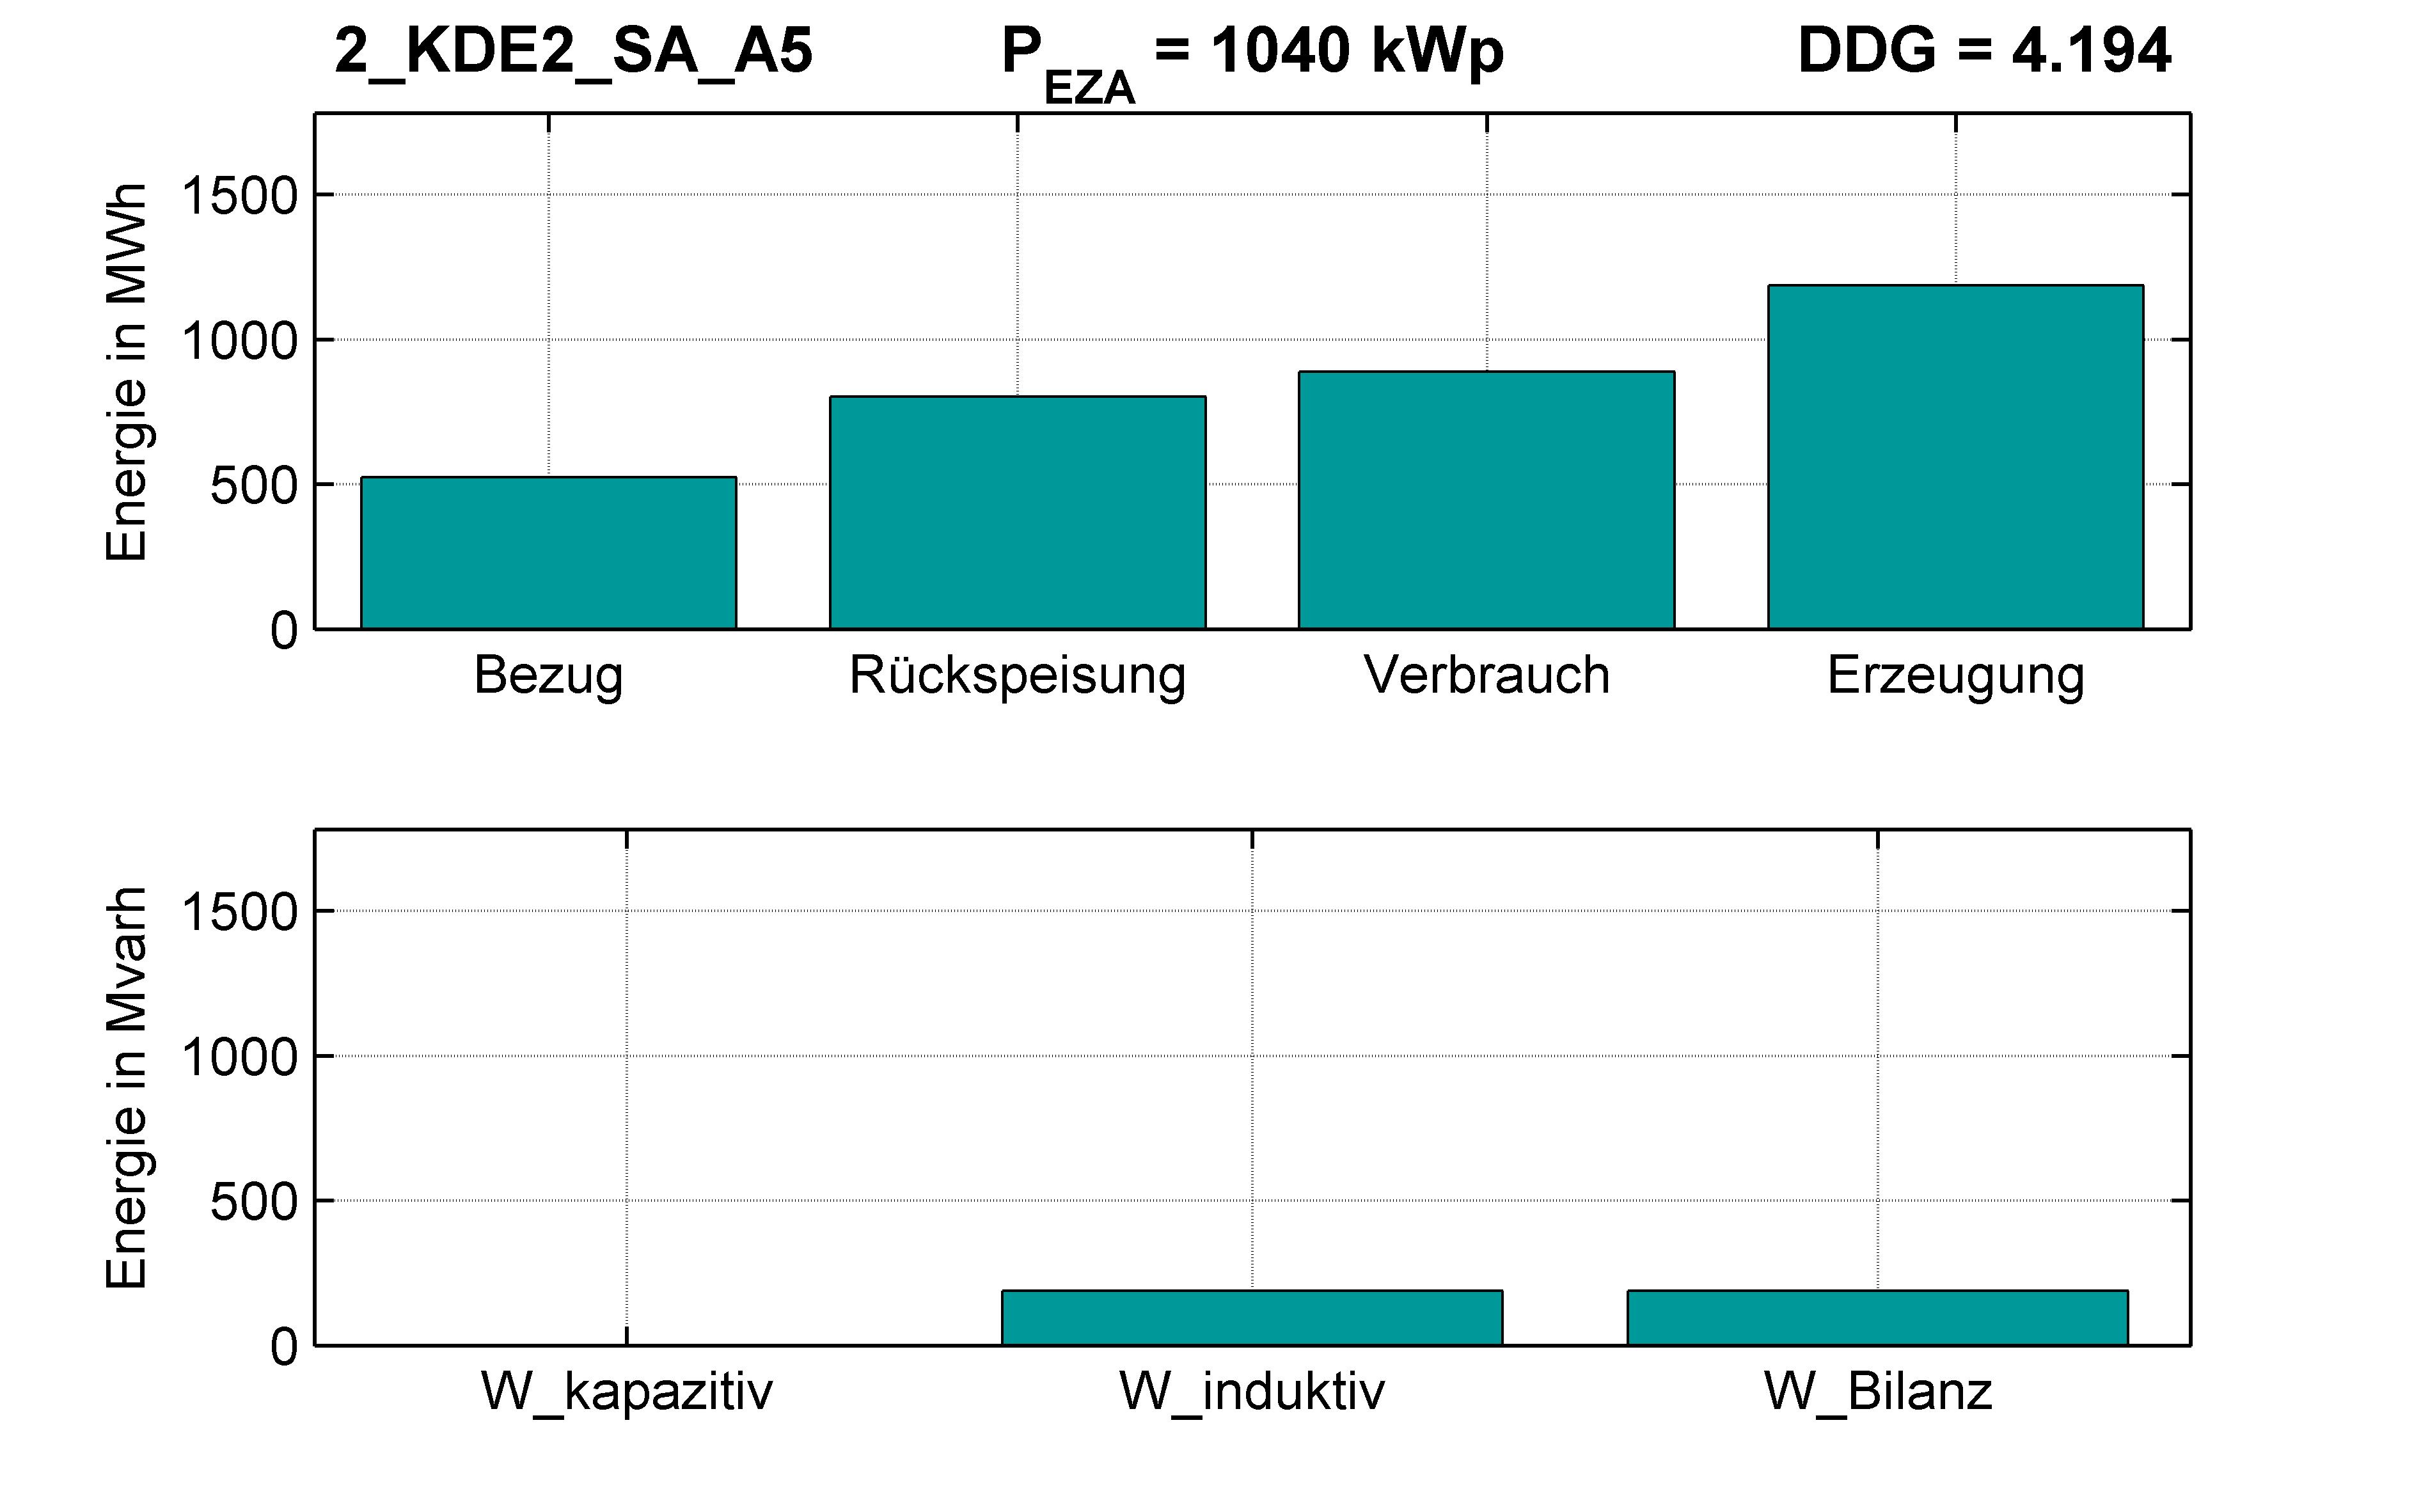 KDE2 | P-Kappung 85% (SA) A5 | PQ-Bilanz